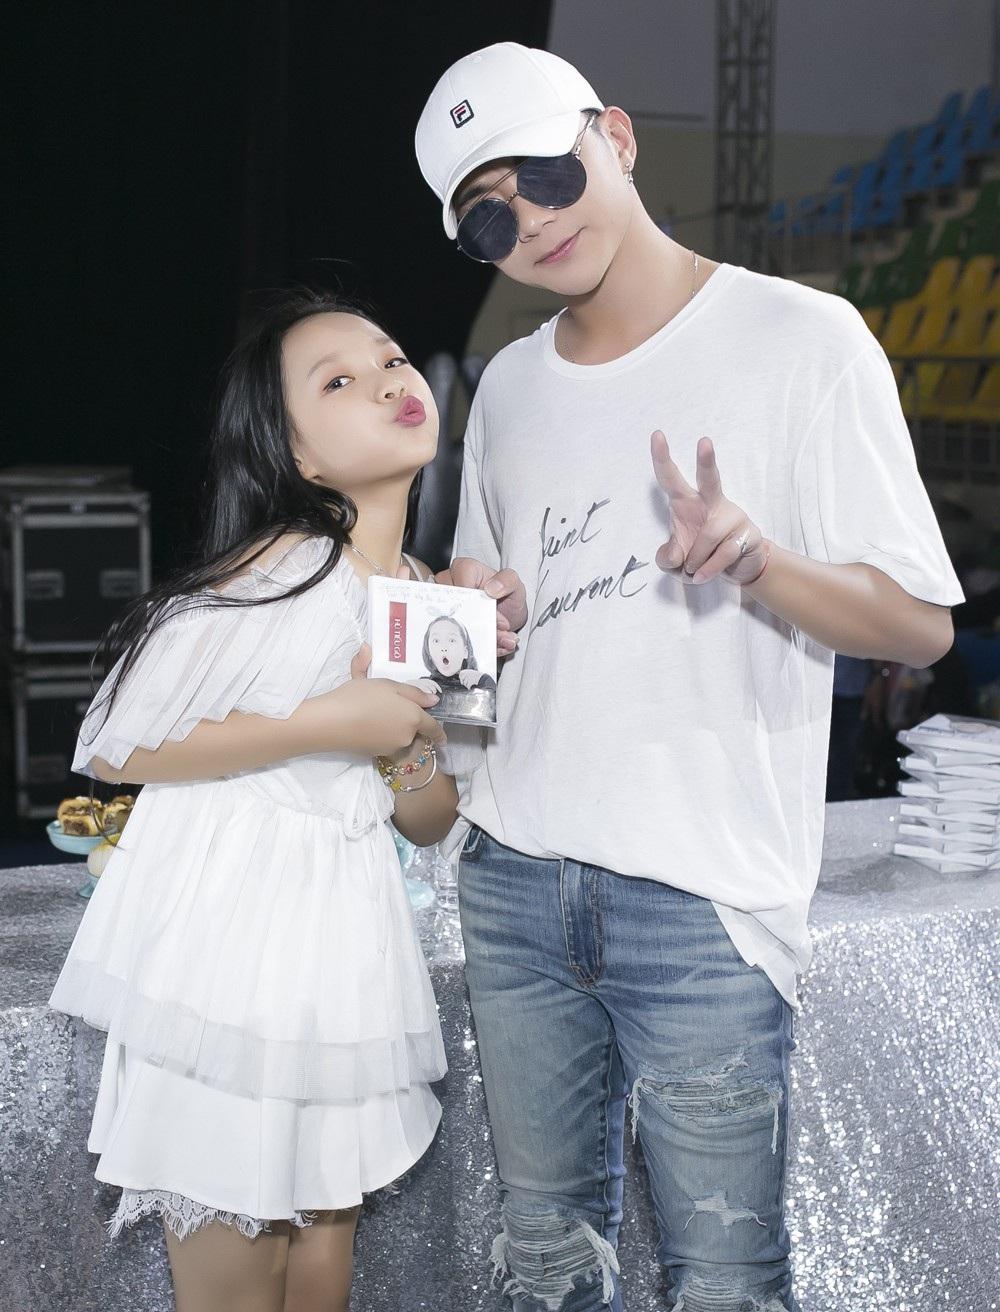 Huấn luyện viên Soobin Hoàng Sơn - người được Hoài Ngọc gọi là ba vì đã giúp đỡ bé trong suốt quá trình thi cho đến sau khi rời The Voice Kids. Soobin cũng cho biết anh vô cùng bất ngờ với sự trưởng thành và kĩ thật thanh nhạc ngày càng tiến bộ của Hoài Ngọc tuy cô bé mới 12 tuổi. Có những nốt cao Hoài Ngọc hát mà ngay cả các ca sỹ lớn cũng nổi da gà vì khả năng của bé.